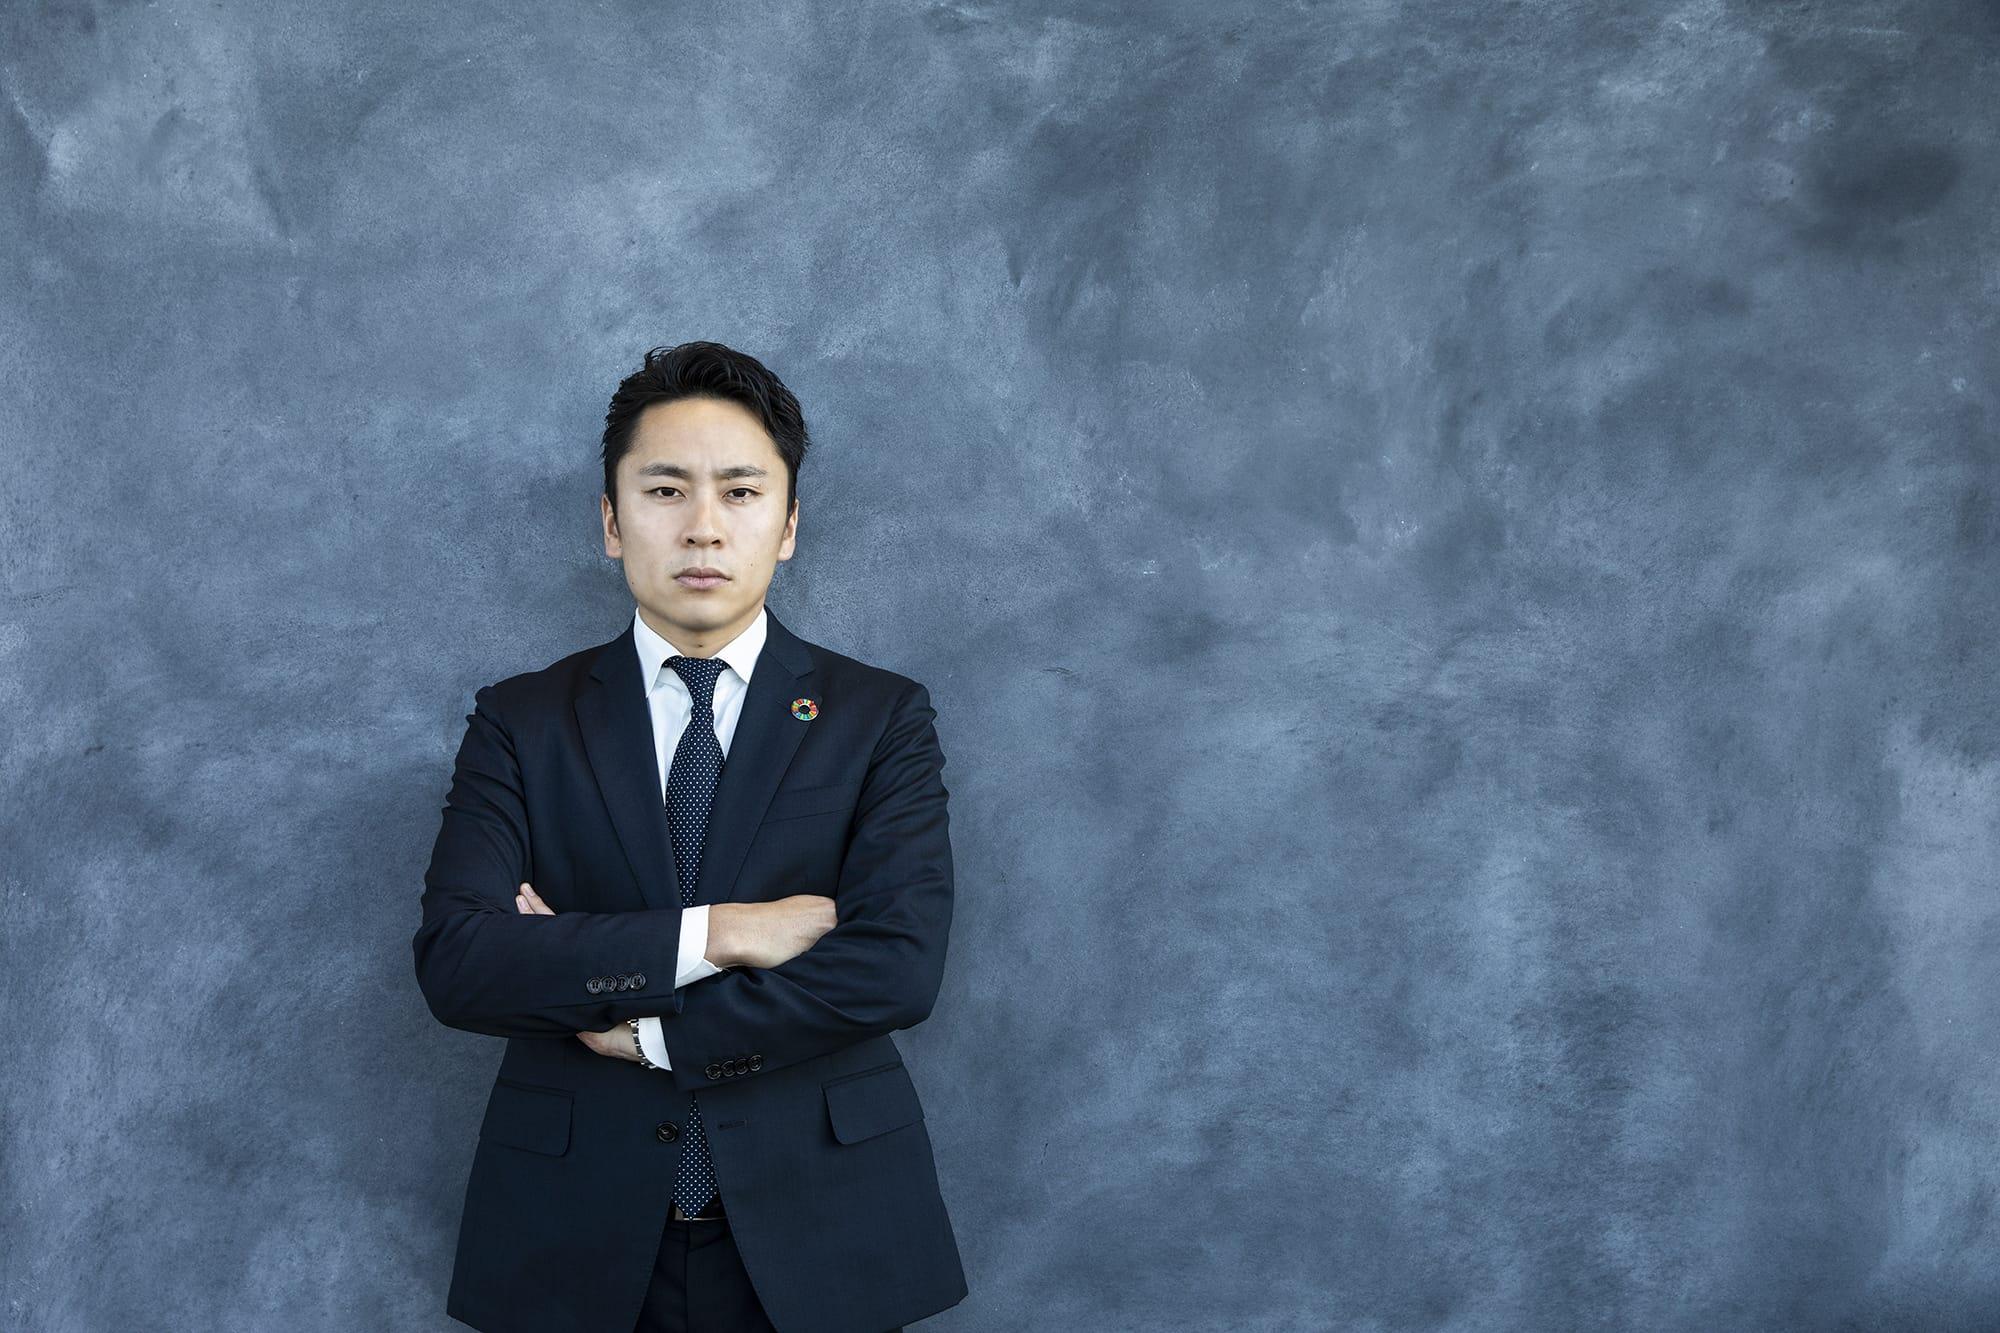 日本スポーツ協会(JSPO)と日本オリンピック委員会(JOC)が入る、昨年完成したJAPAN SPORT OLYMPIC SQUARE(ジャパン・スポーツ・オリンピック・スクエア)内にて。